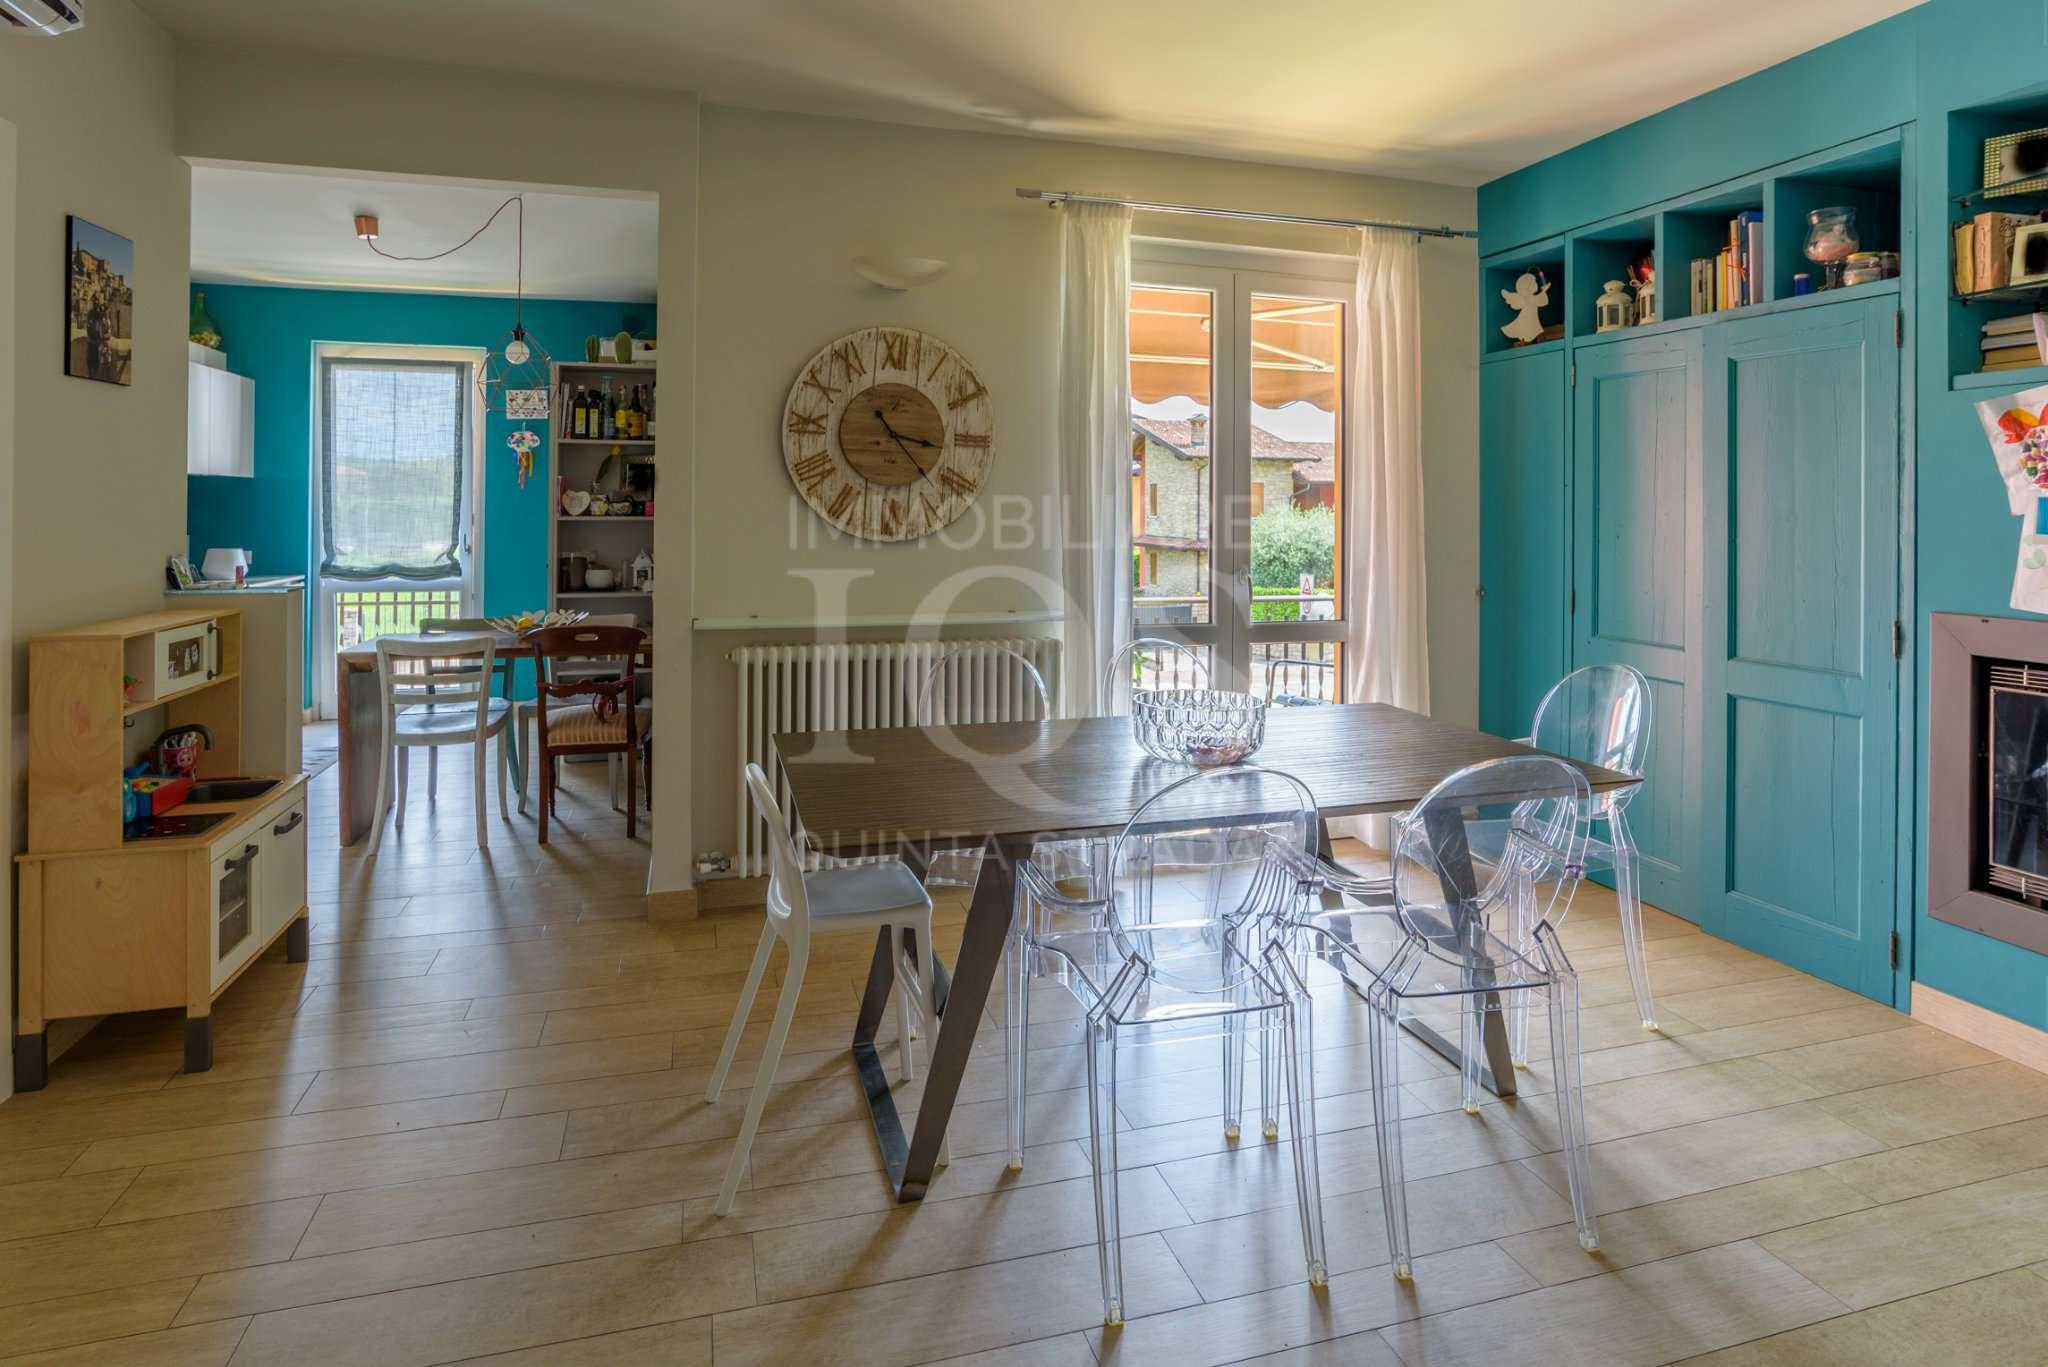 Appartamento in vendita a Credaro, 4 locali, prezzo € 144.000 | PortaleAgenzieImmobiliari.it